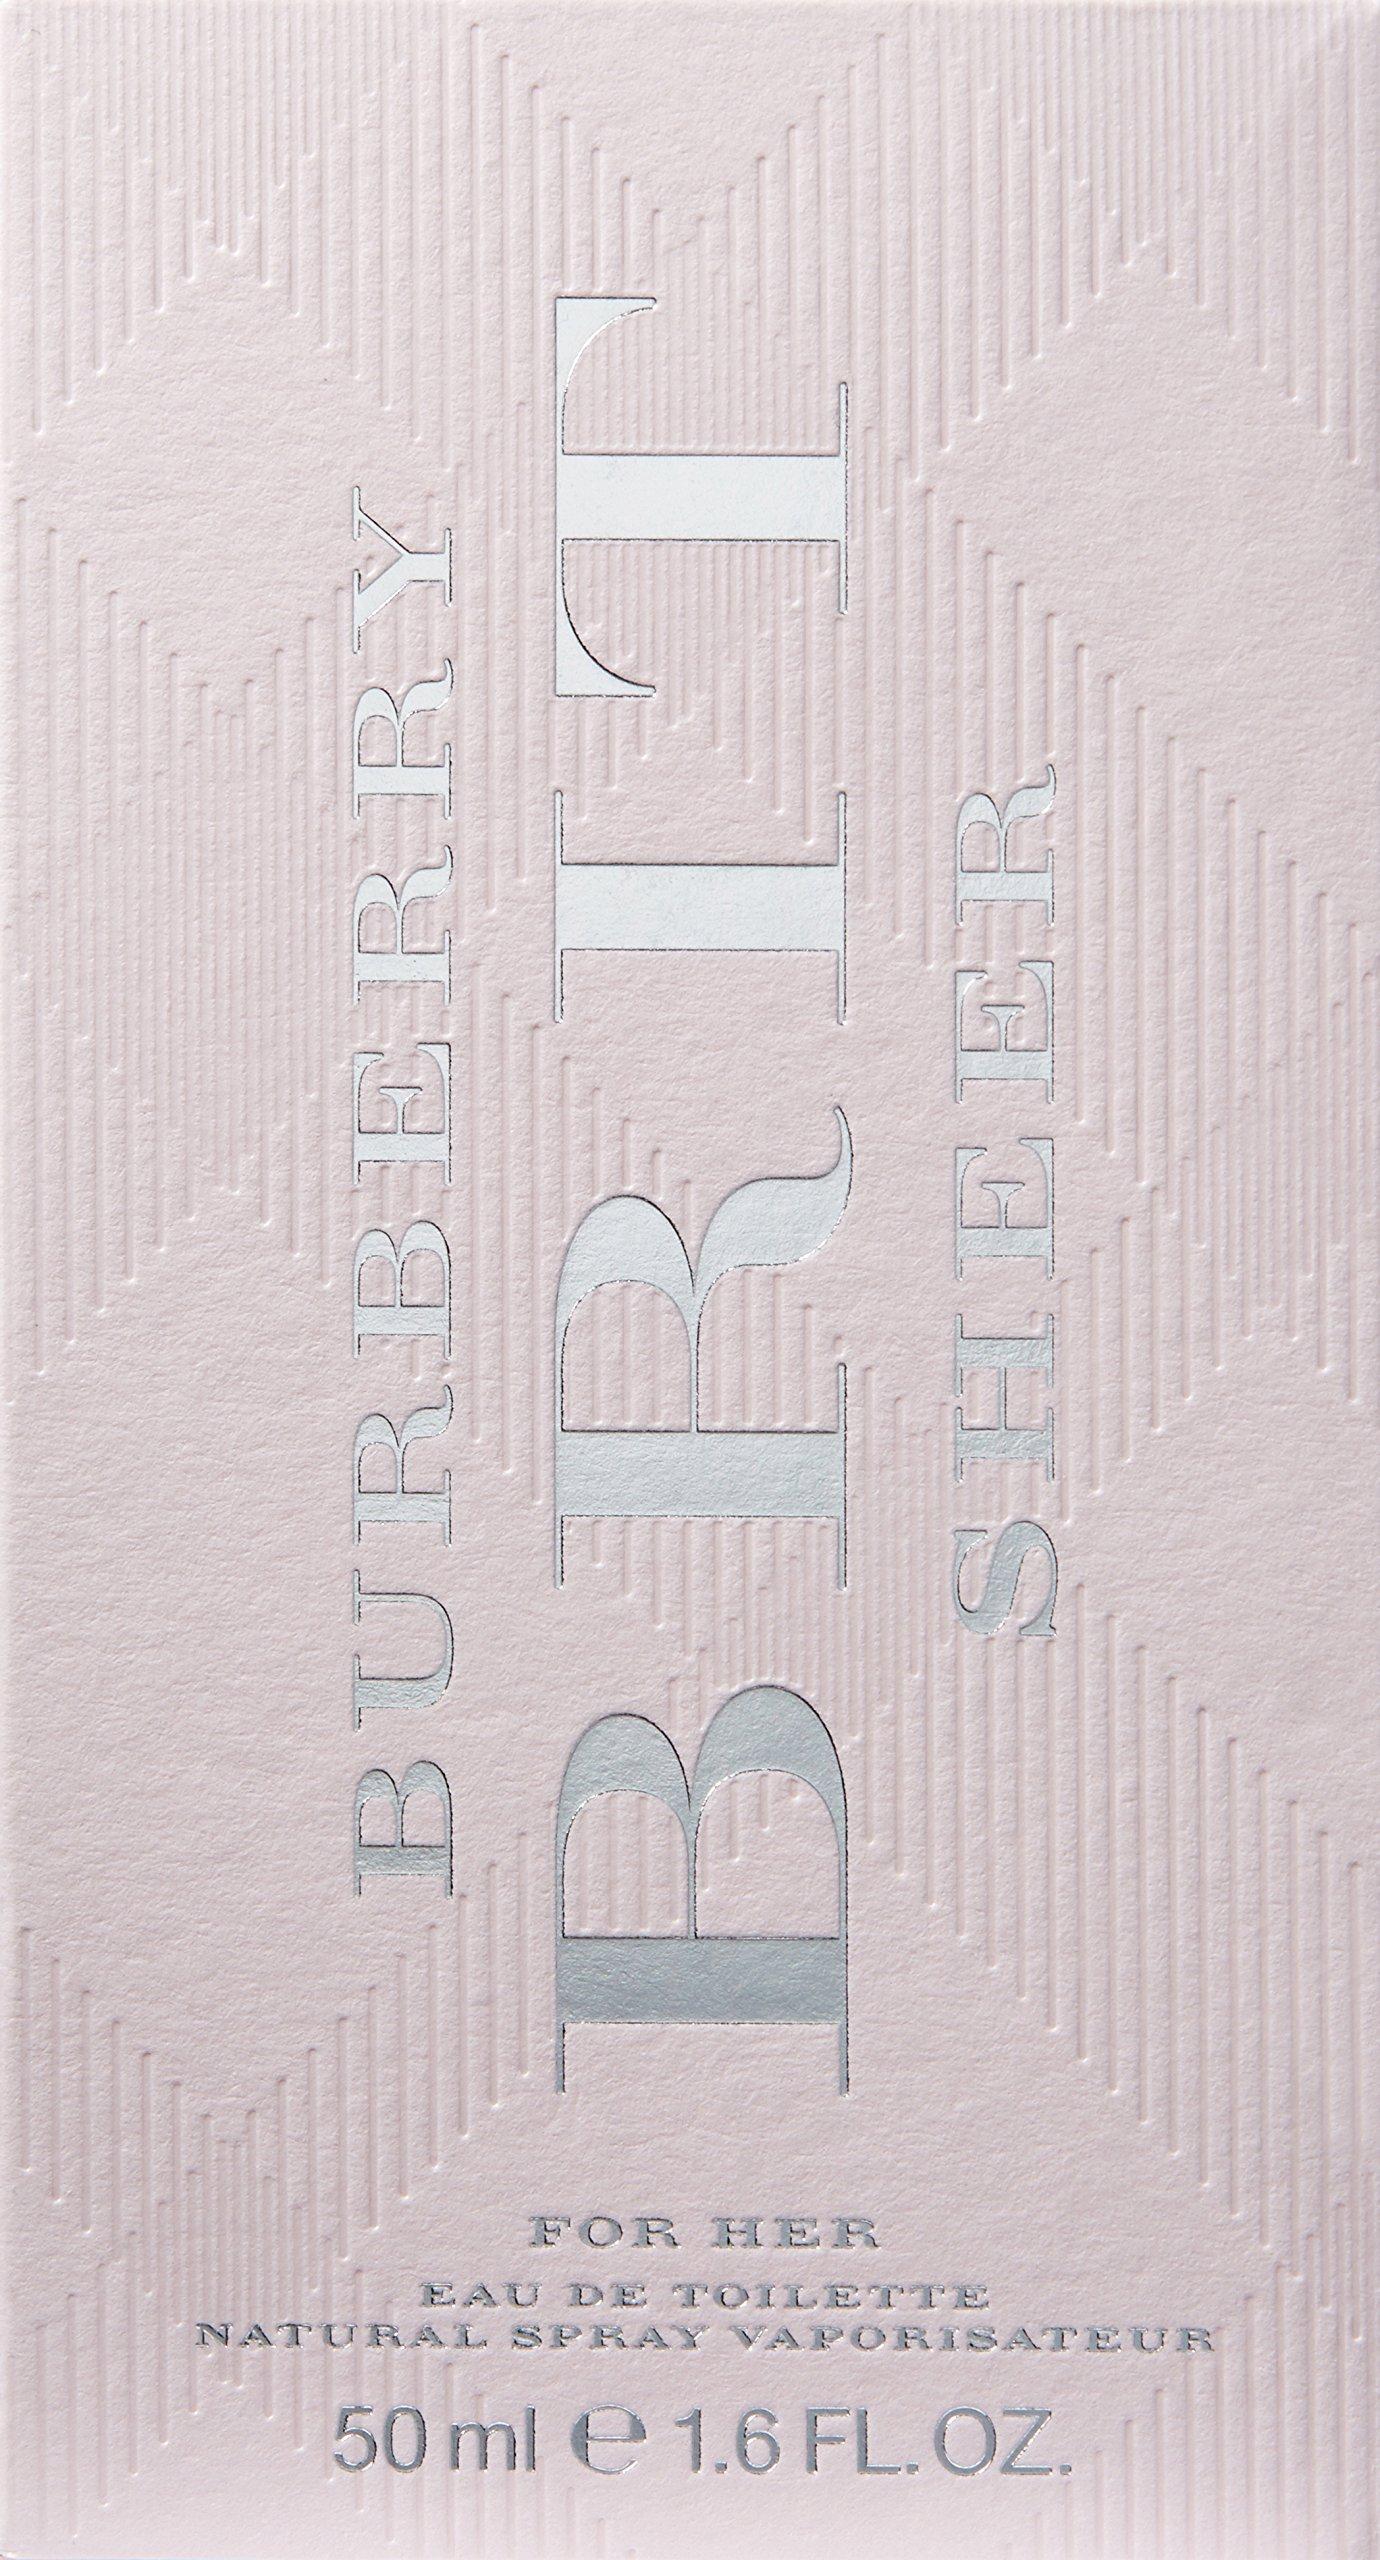 BURBERRY-Brit-Sheer-Eau-De-Toilette-17-Fl-oz